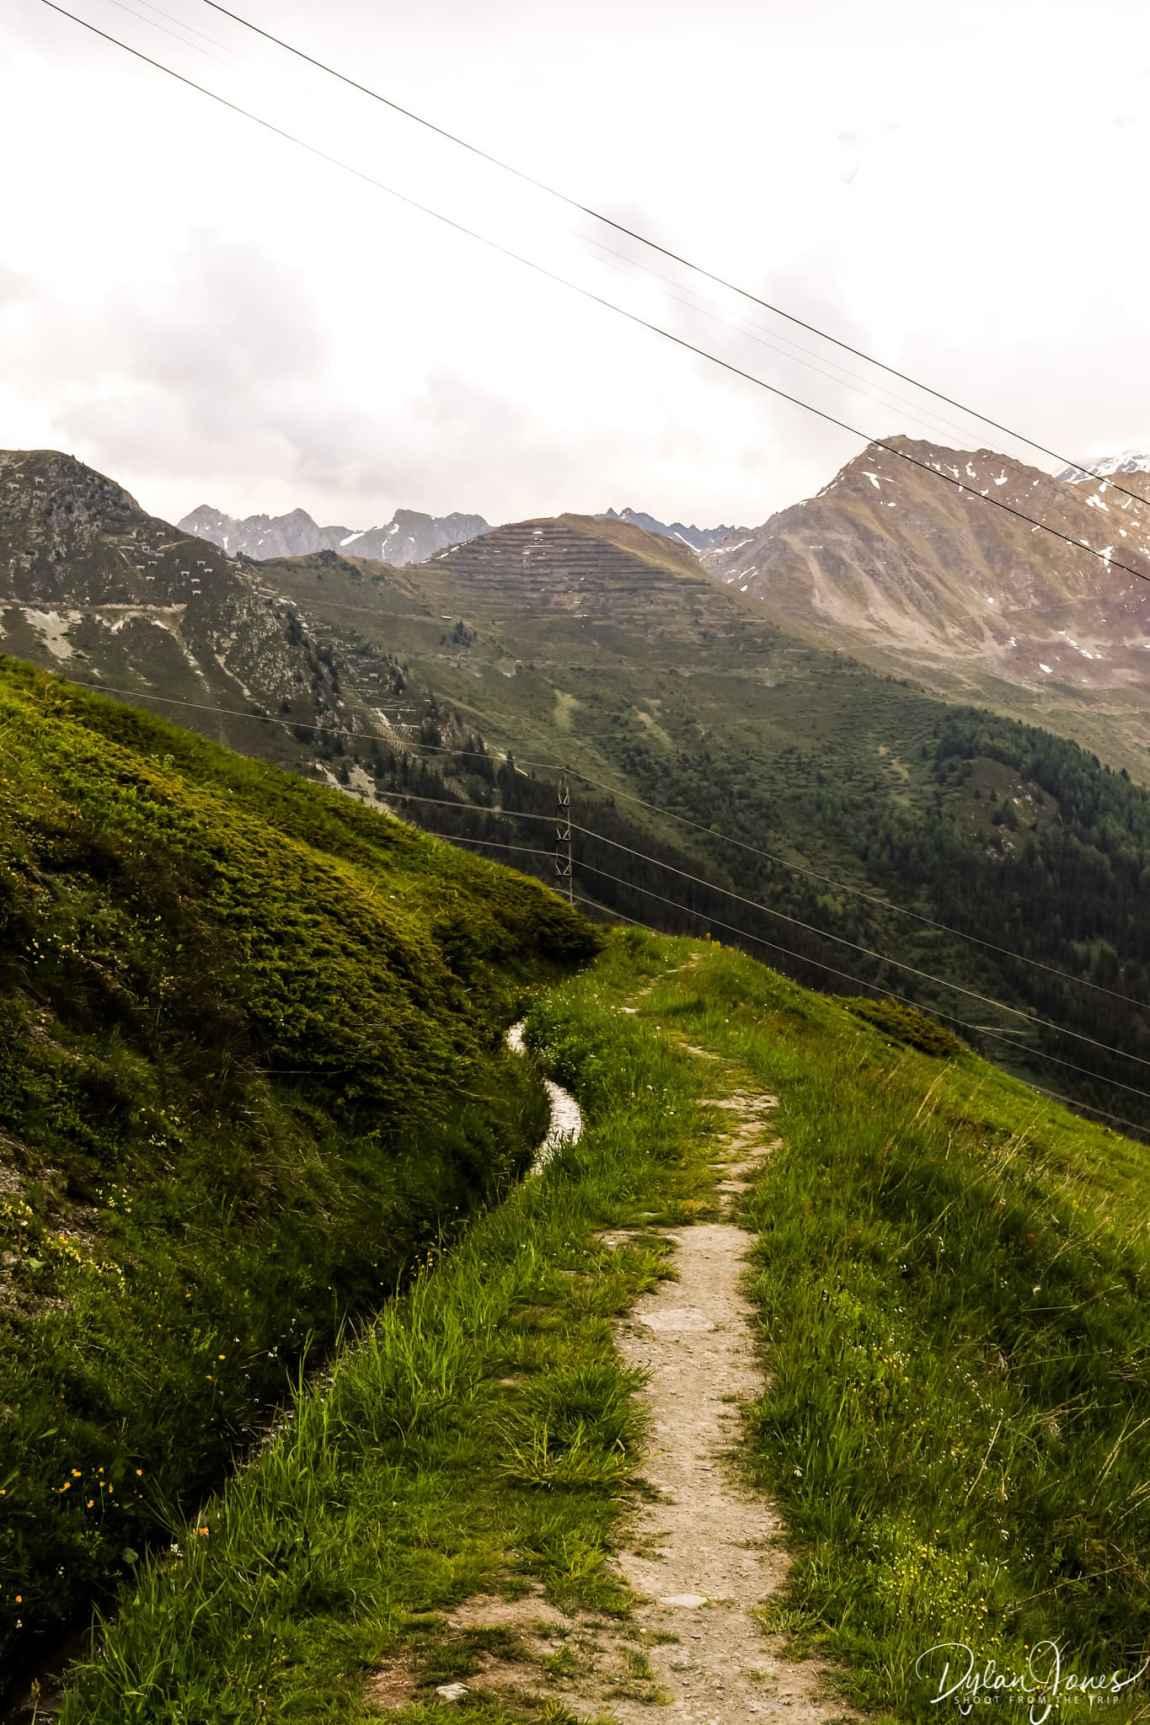 The hiking trail alongside the Bisse du Levron